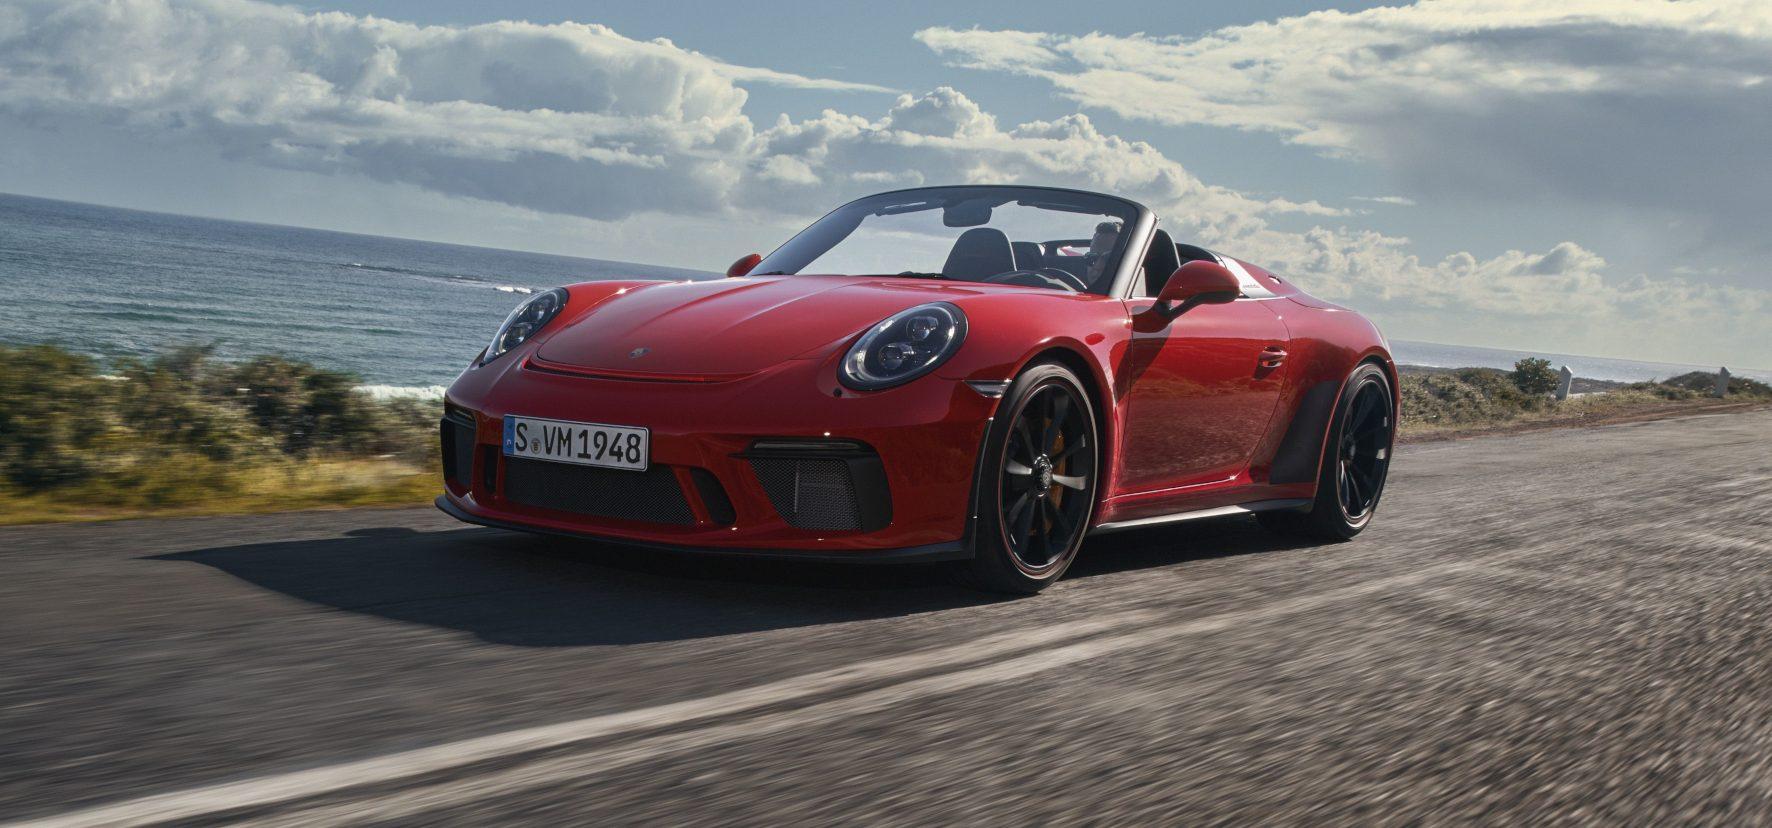 Bis zu 309 Sachen soll der Speedster dank turbofreiem Vierliter-Sechszylinder schnell sein.